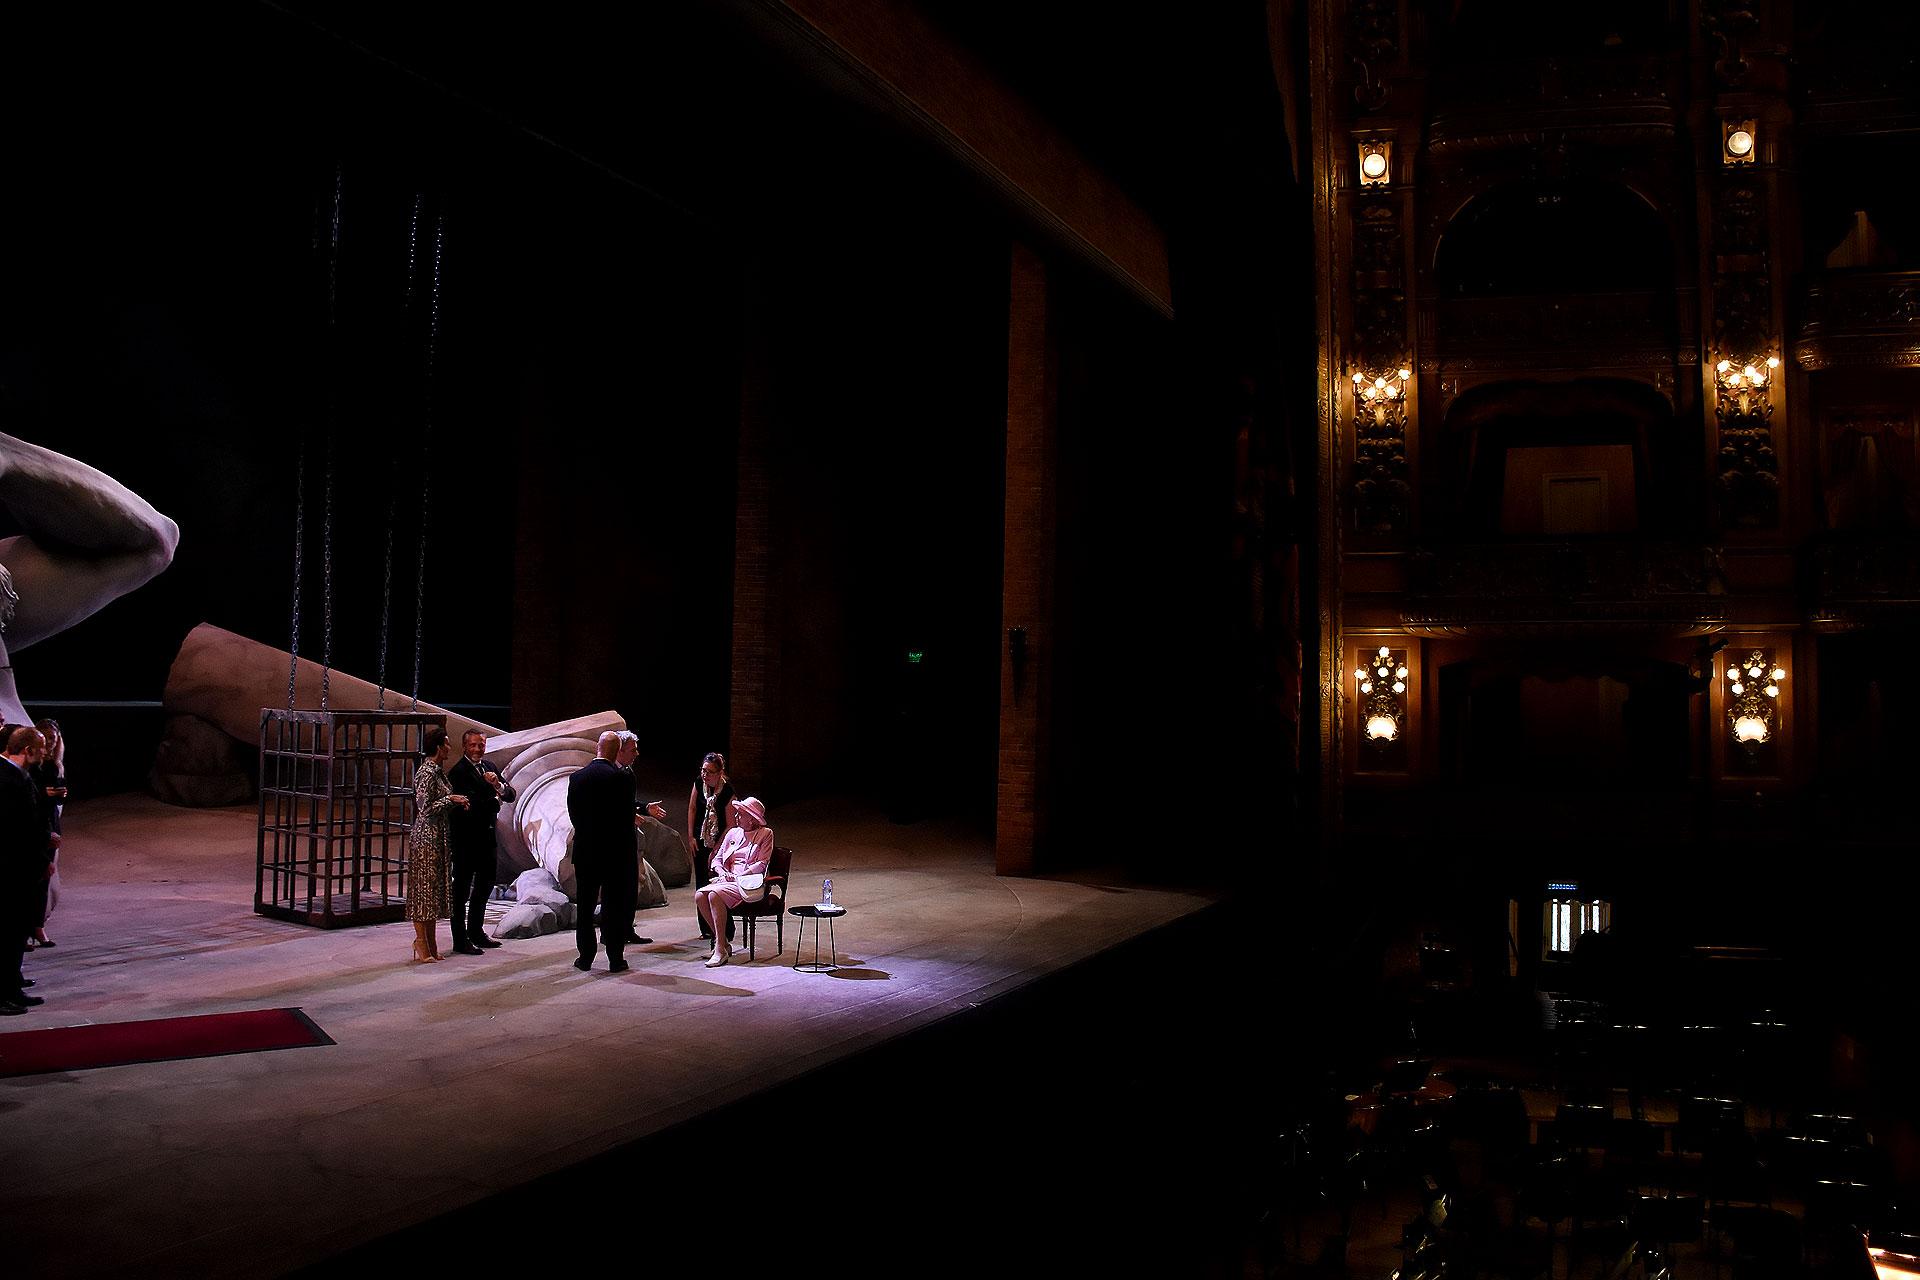 Sobre el escenario había parte de la escenografía de la ópera Rigoletto de Giuseppe Verdi